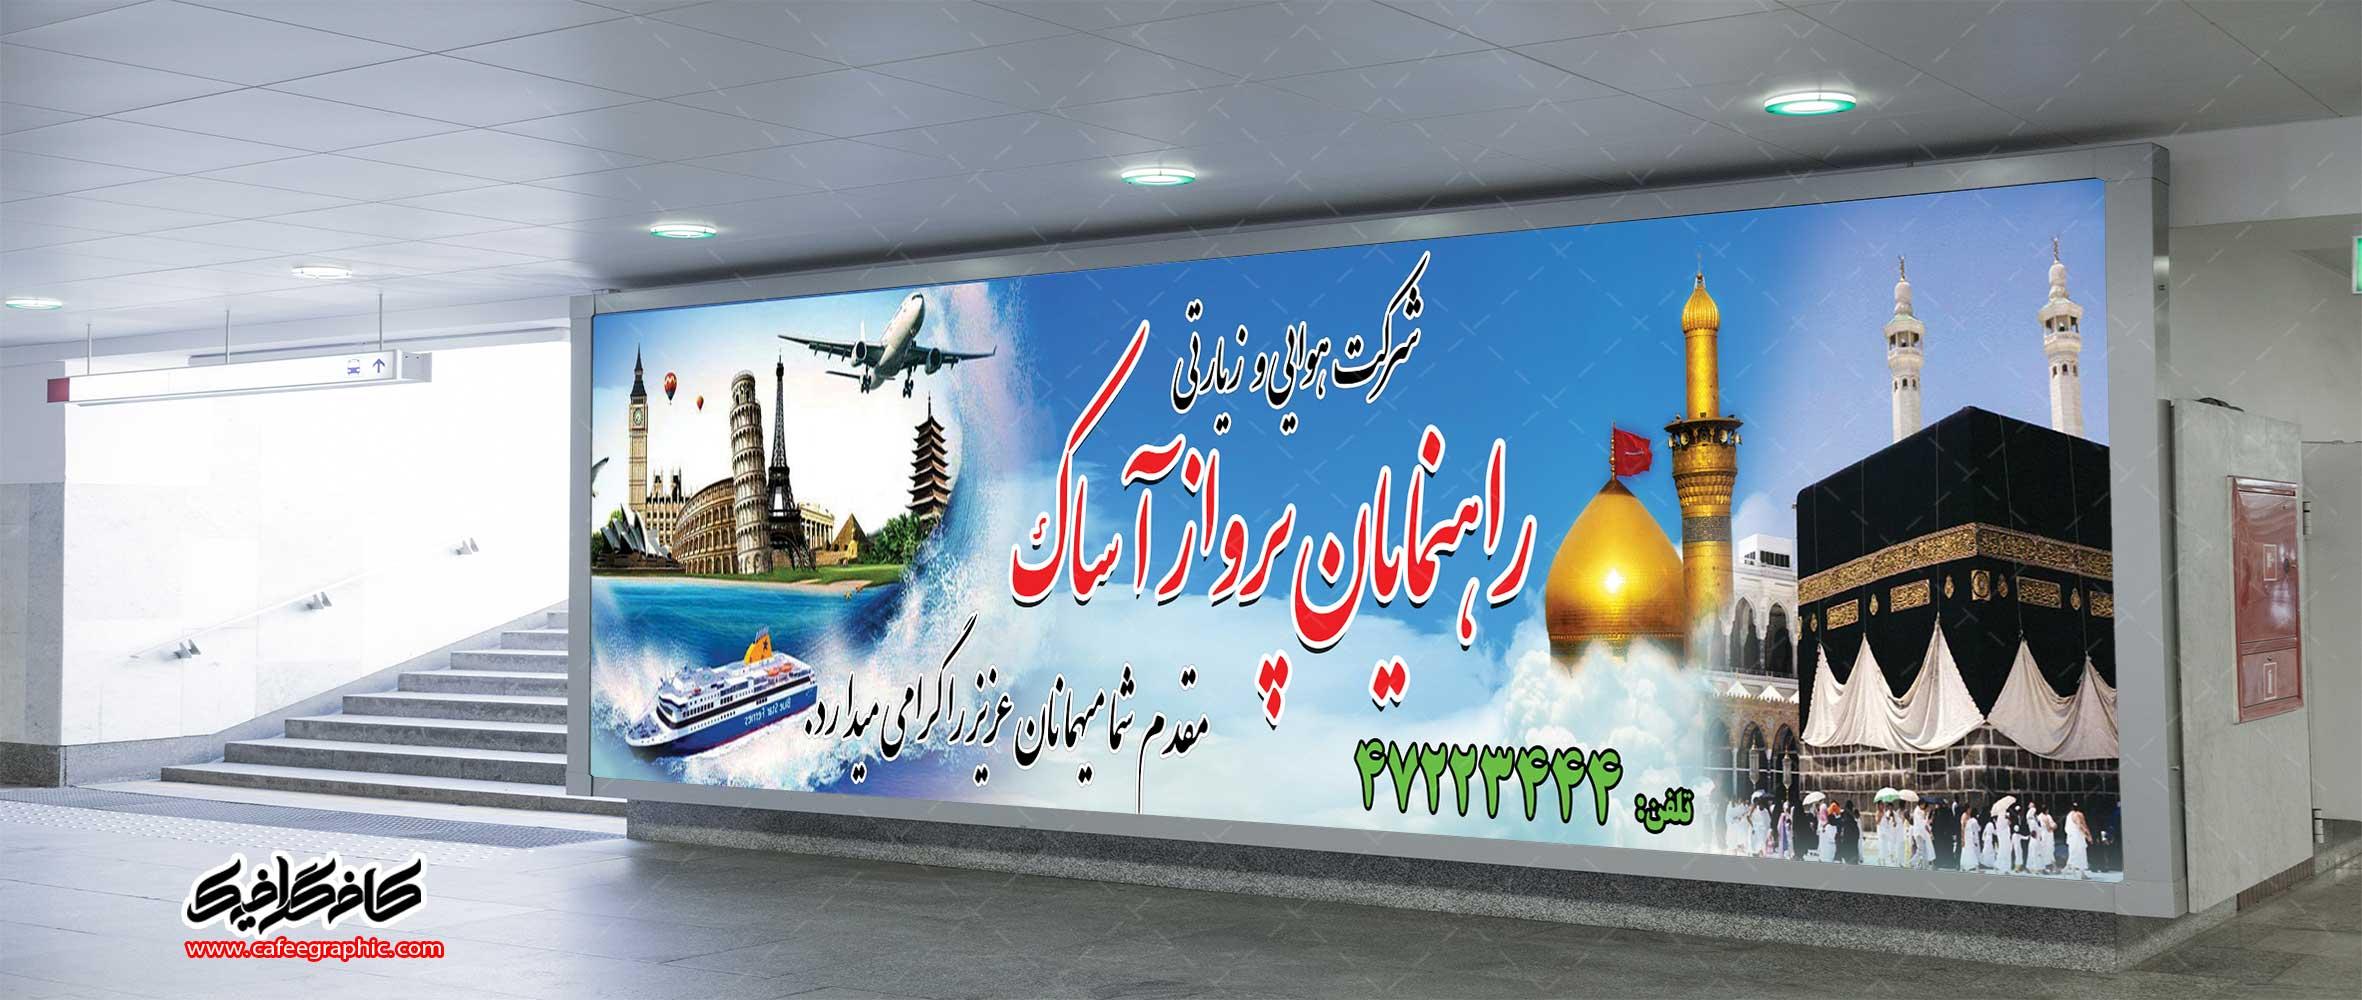 بنر خدمات مسافرتی ،زیارتی و گردشگری